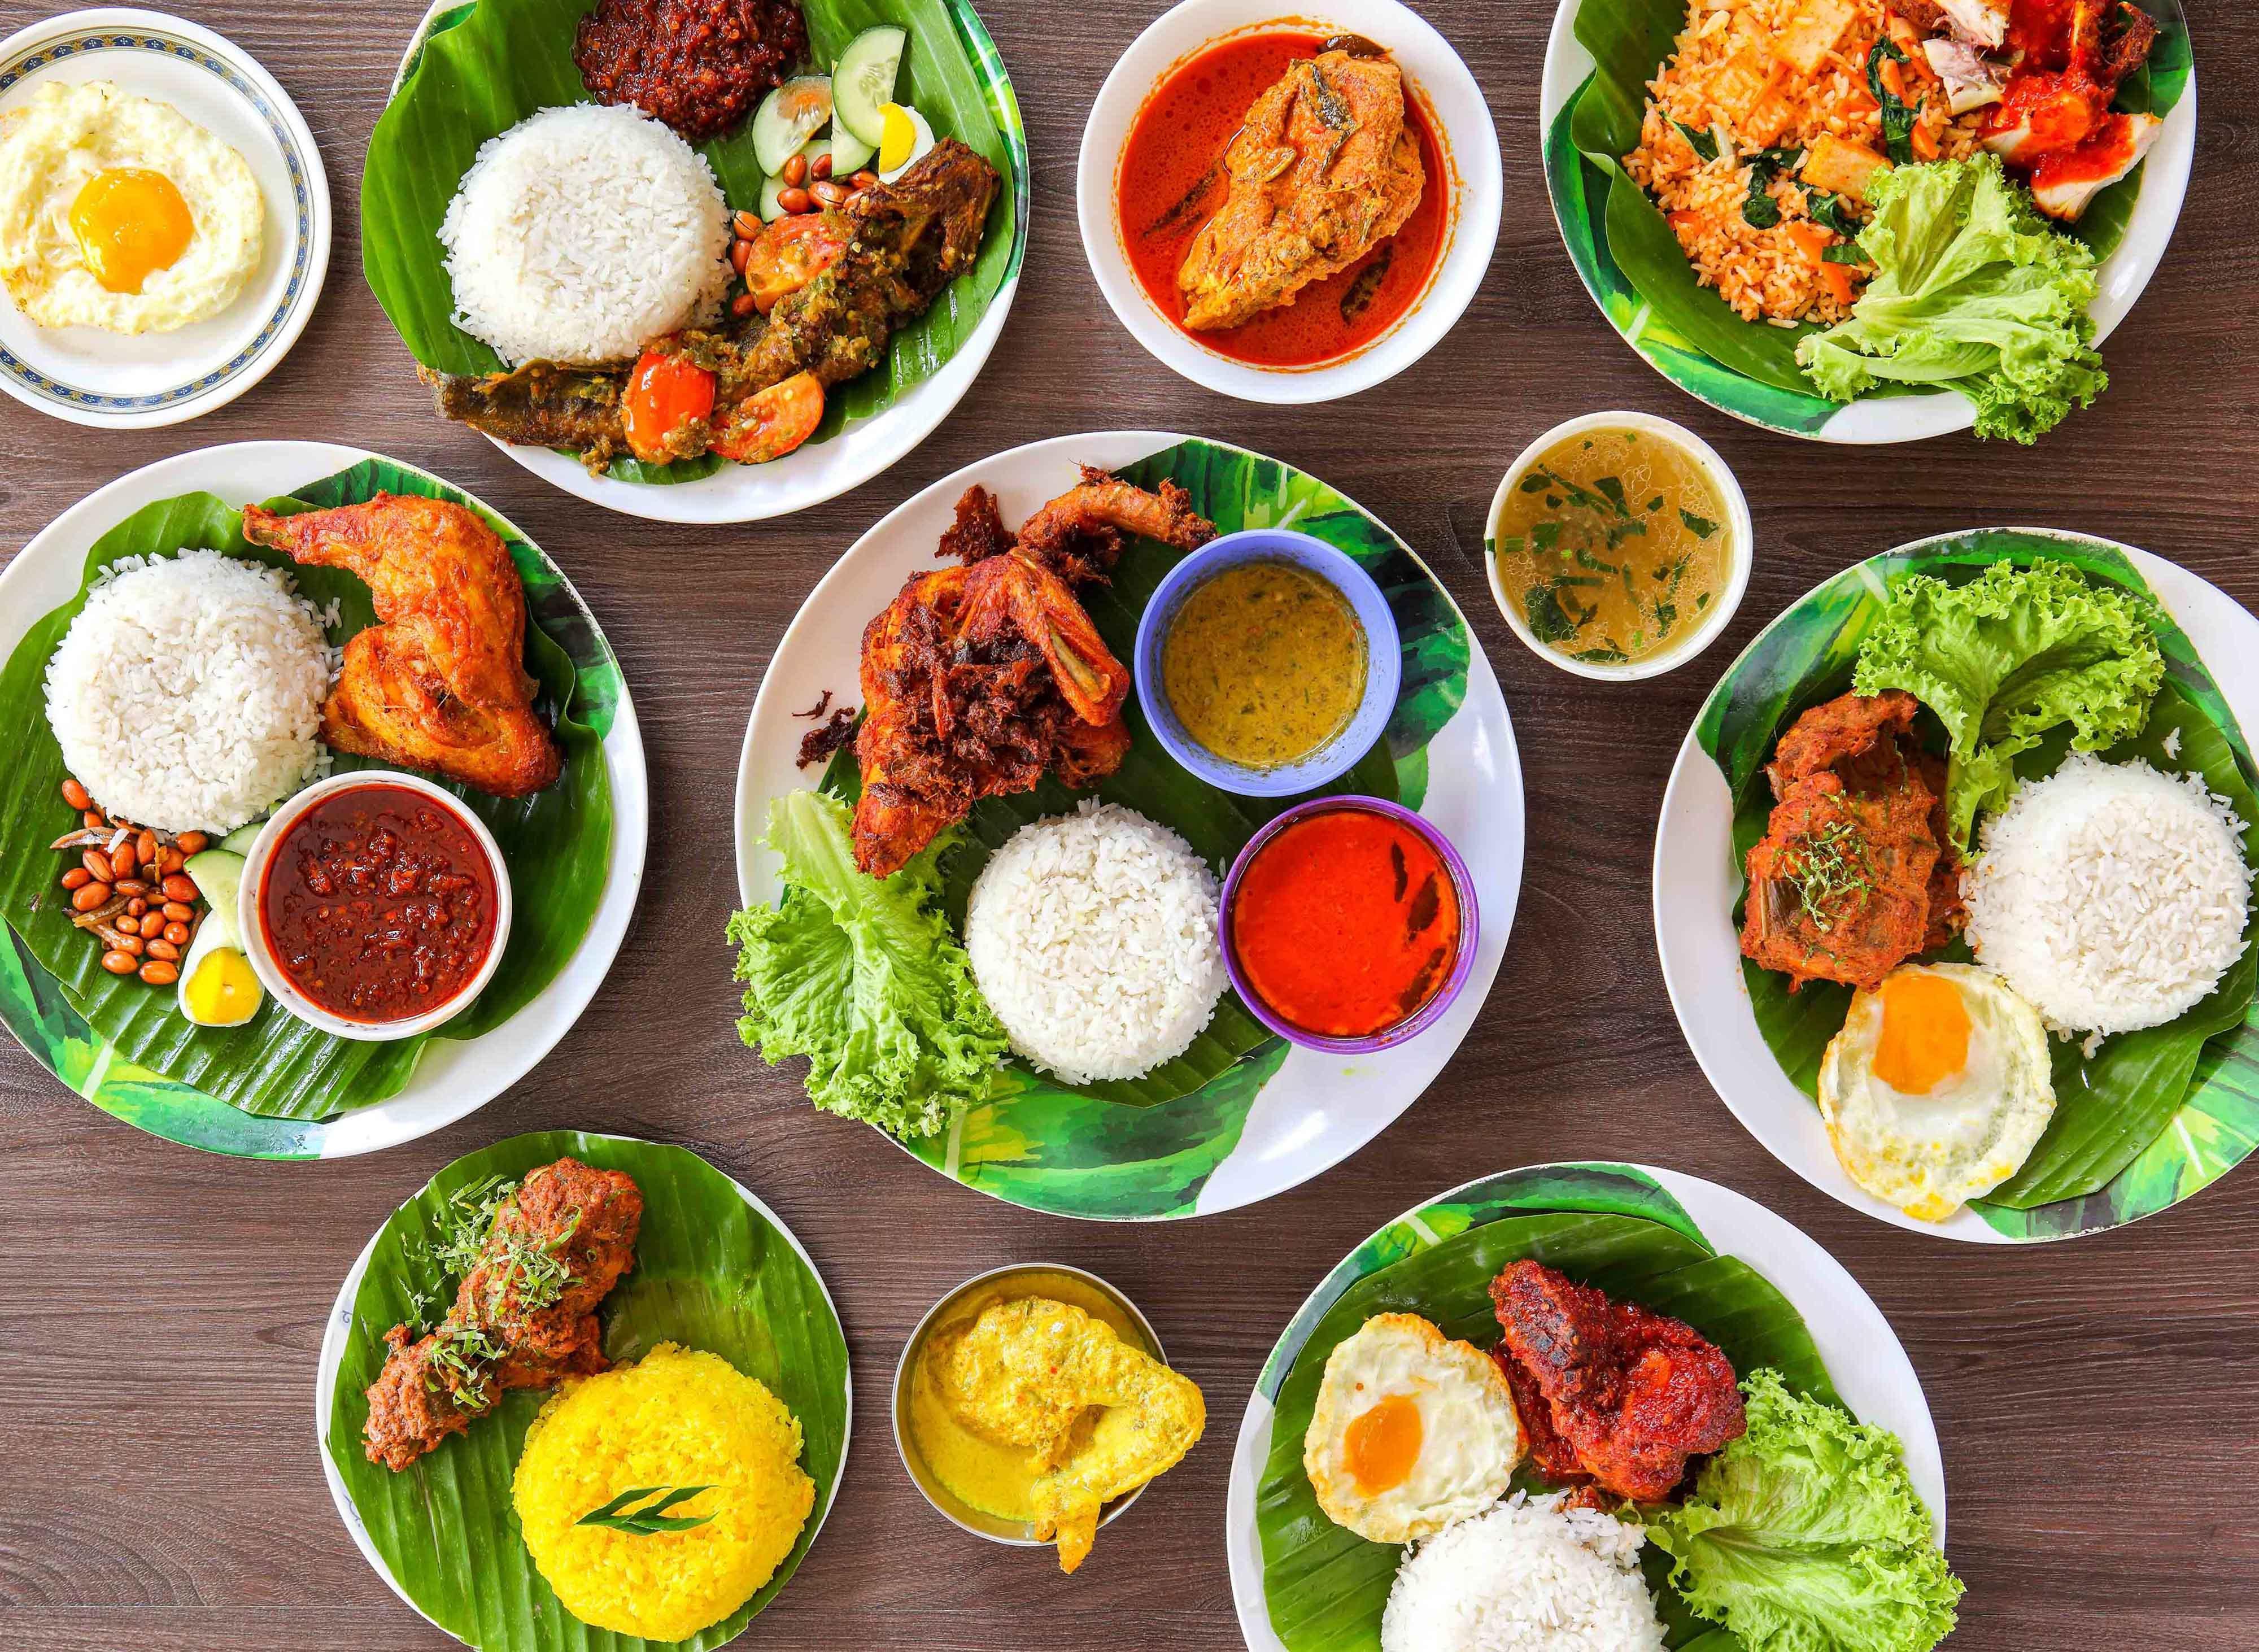 Kak Yati Nasi Kukus Menu In Petaling Jaya Food Delivery In Petaling Jaya Foodpanda